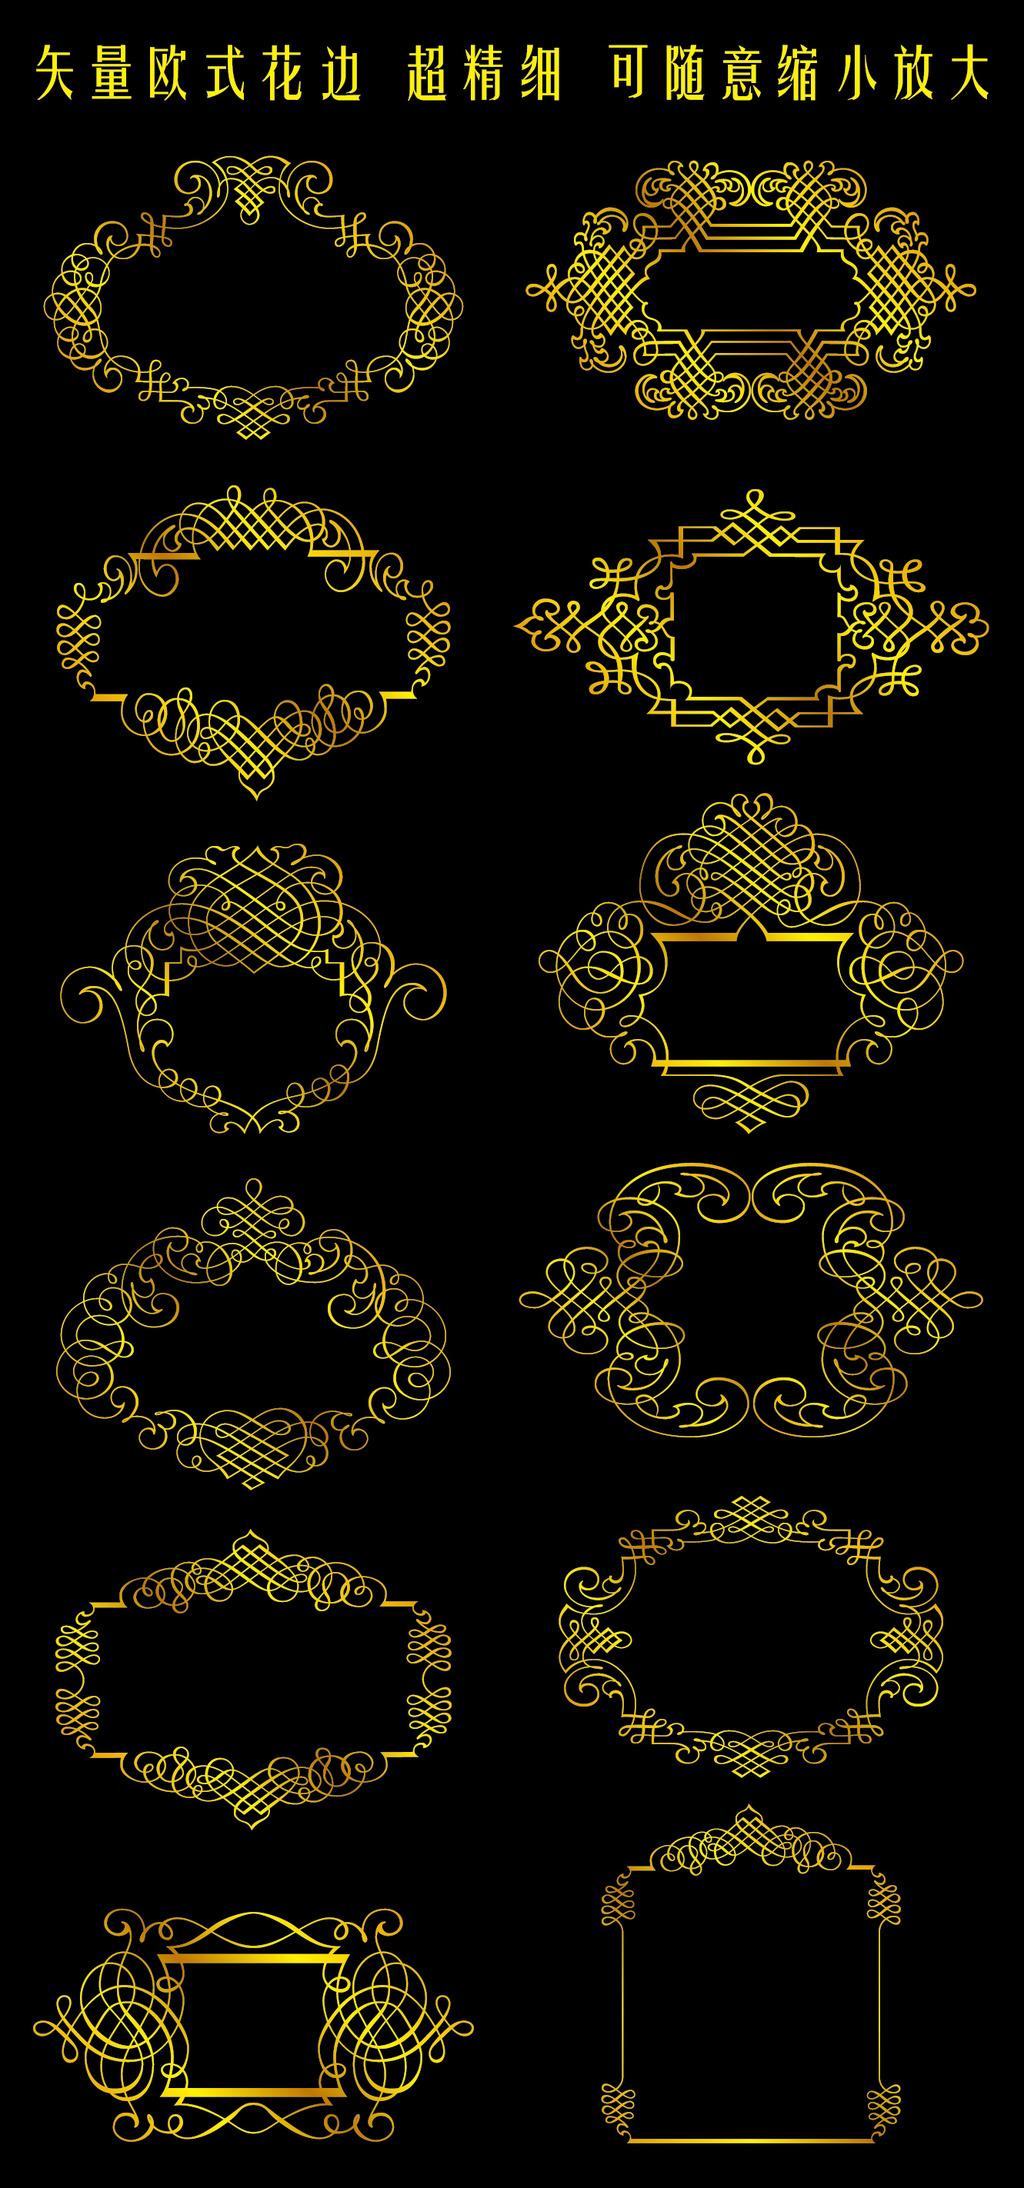 其他 插画|元素|卡通 > 超精细圆形欧式花边花纹方框镜框相框矢量图图片